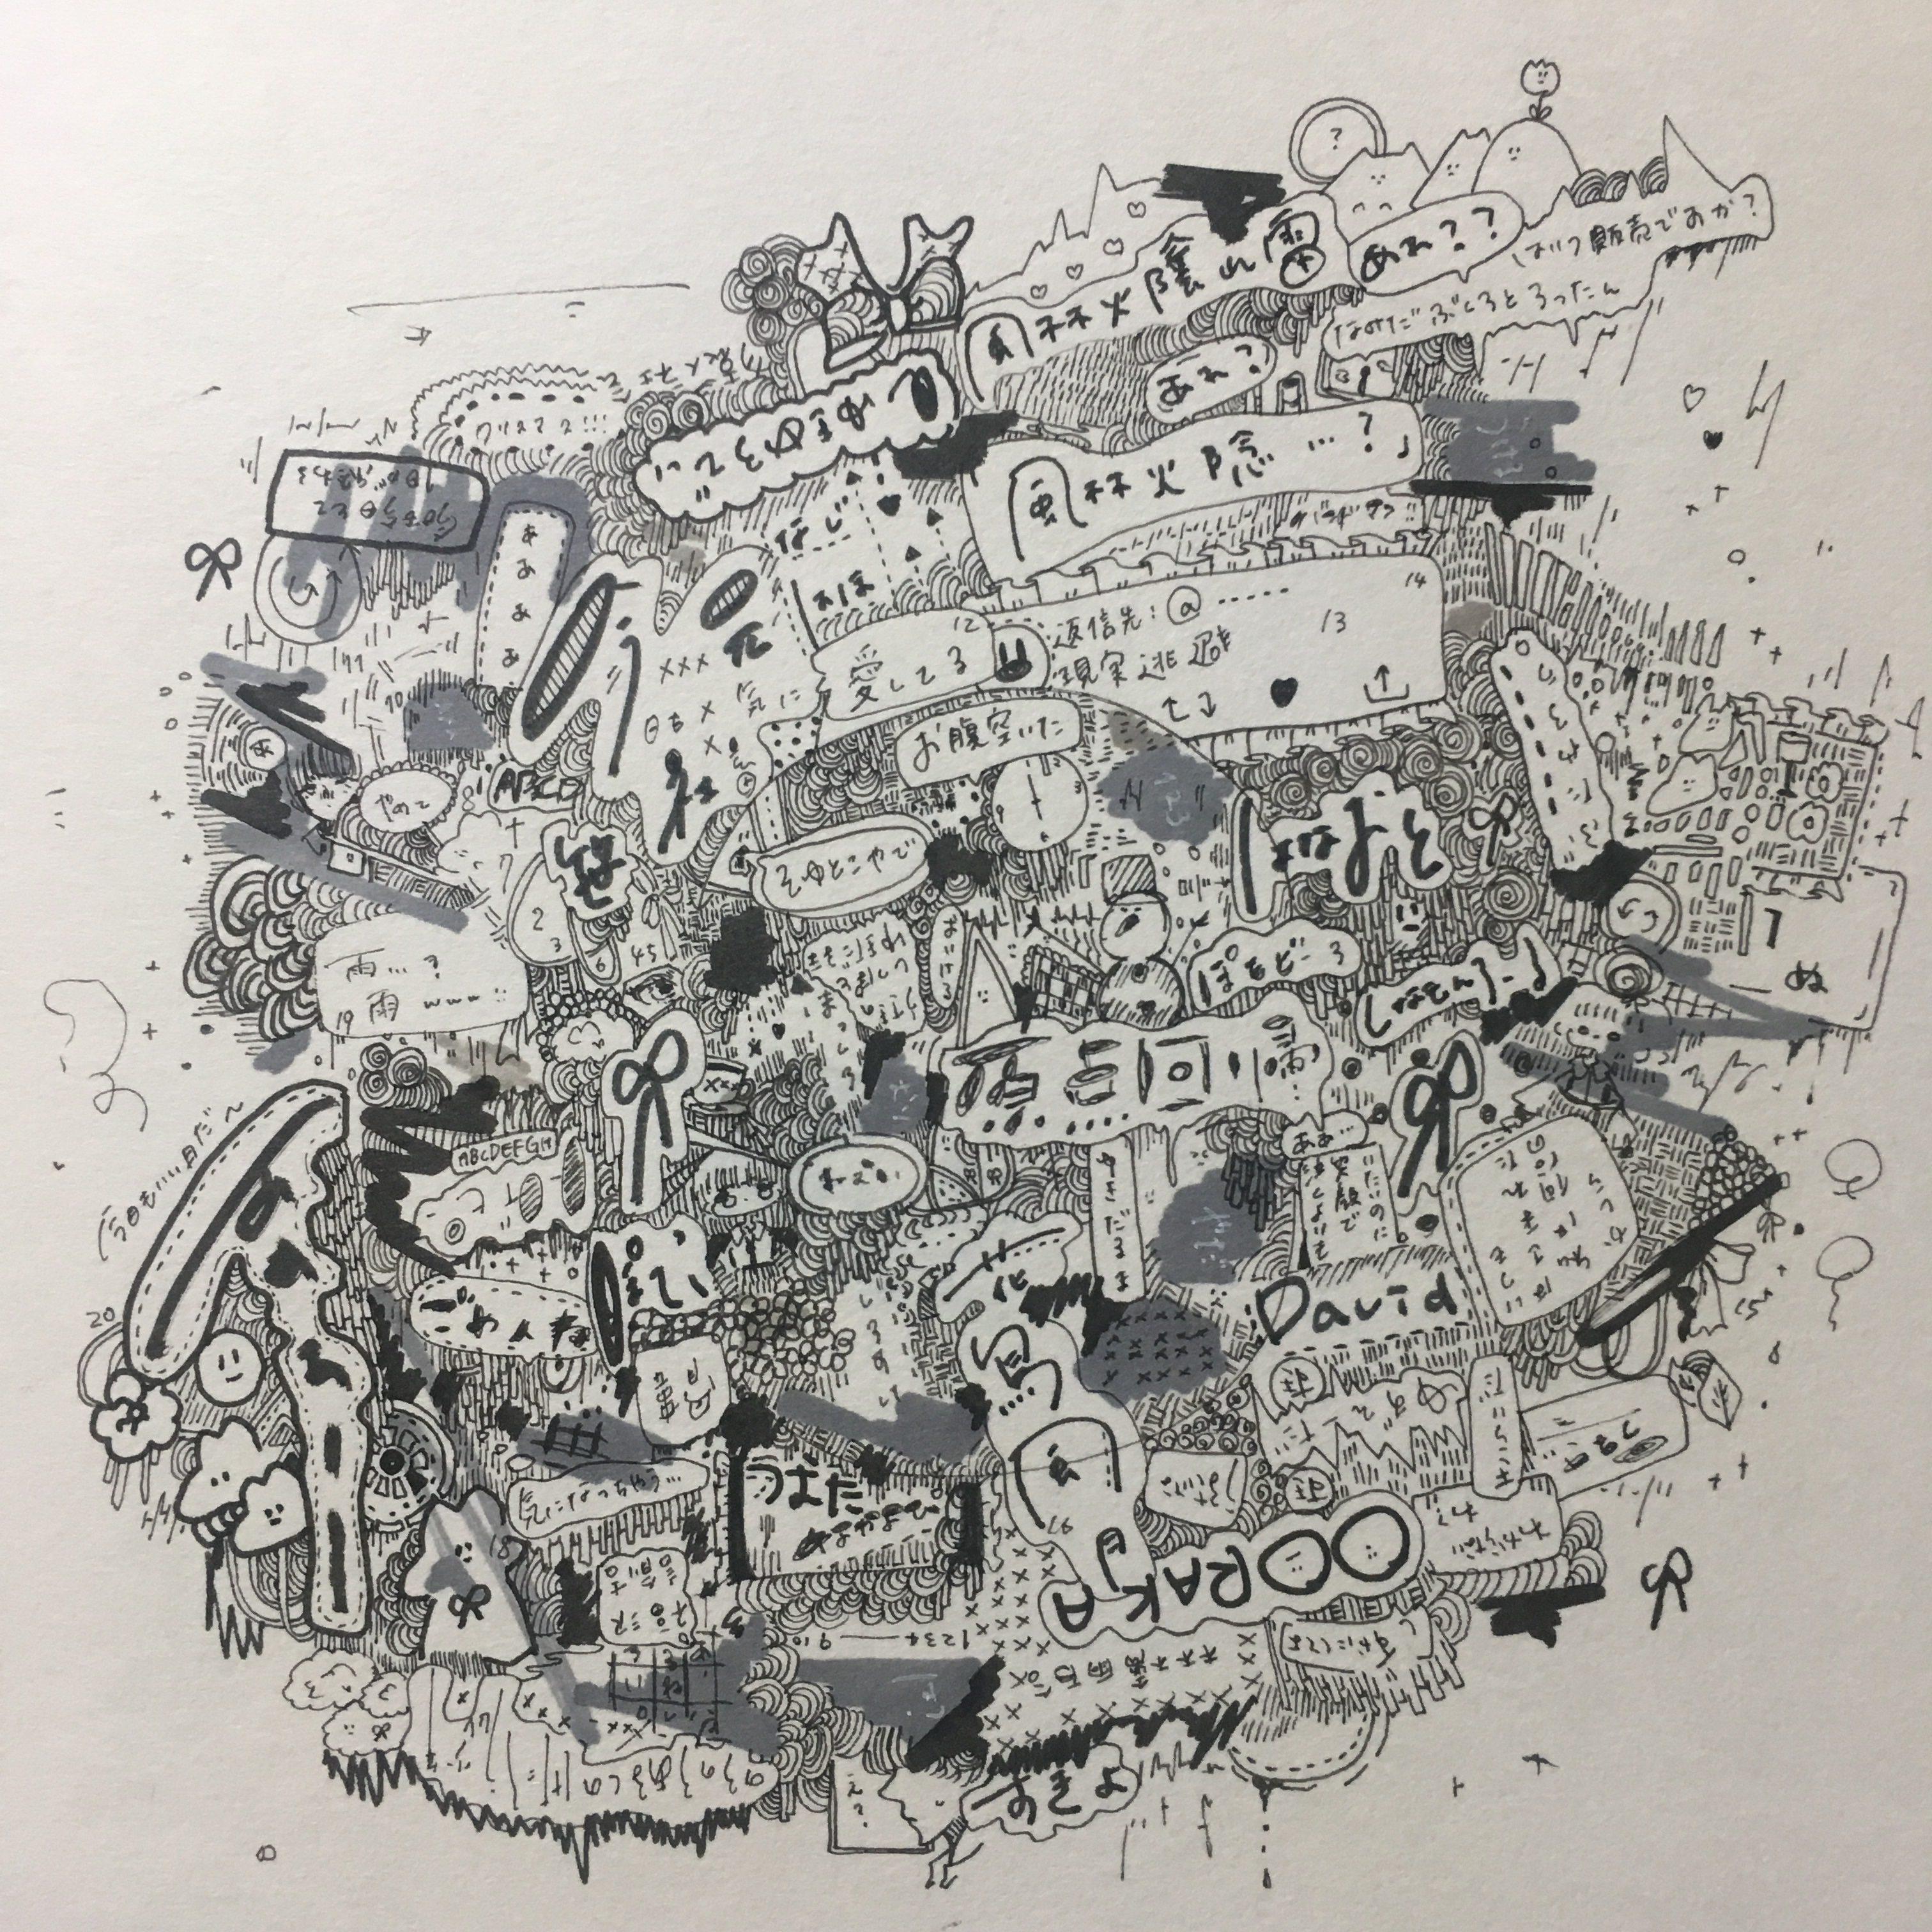 【第一弾】#リプできた言葉でペン画書く【Illustrator】